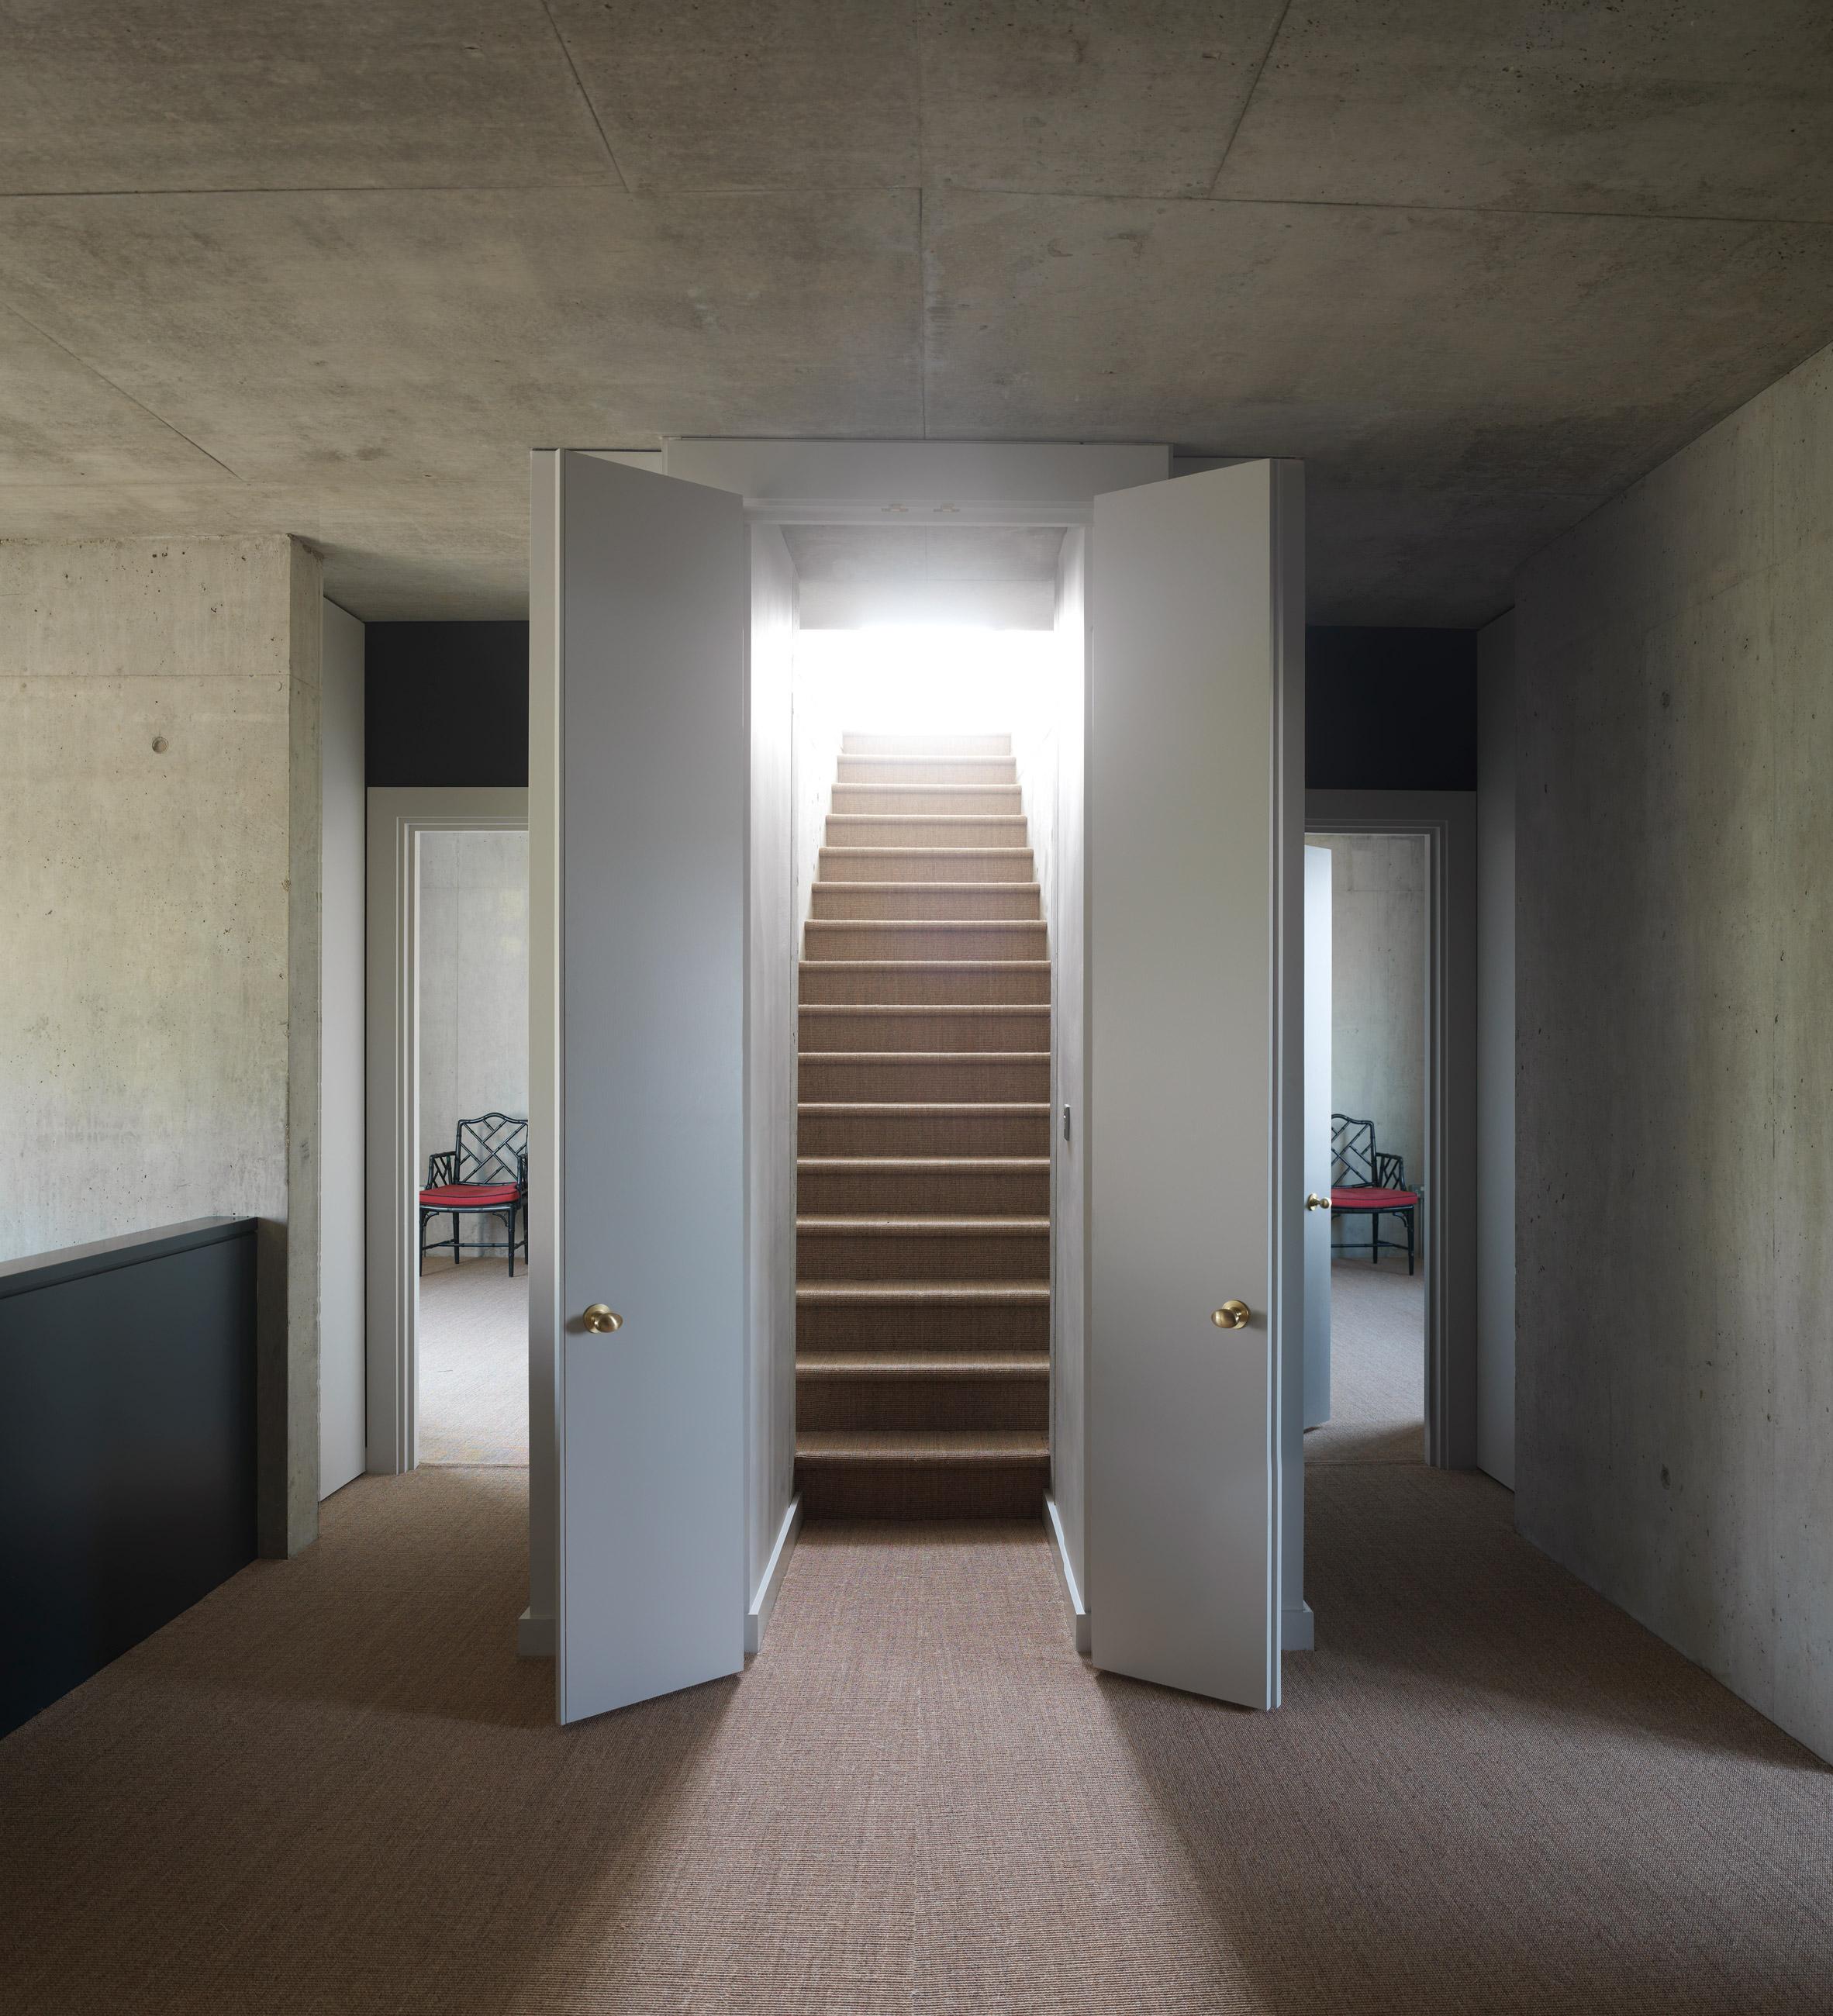 El diseño apuesta por la simetría